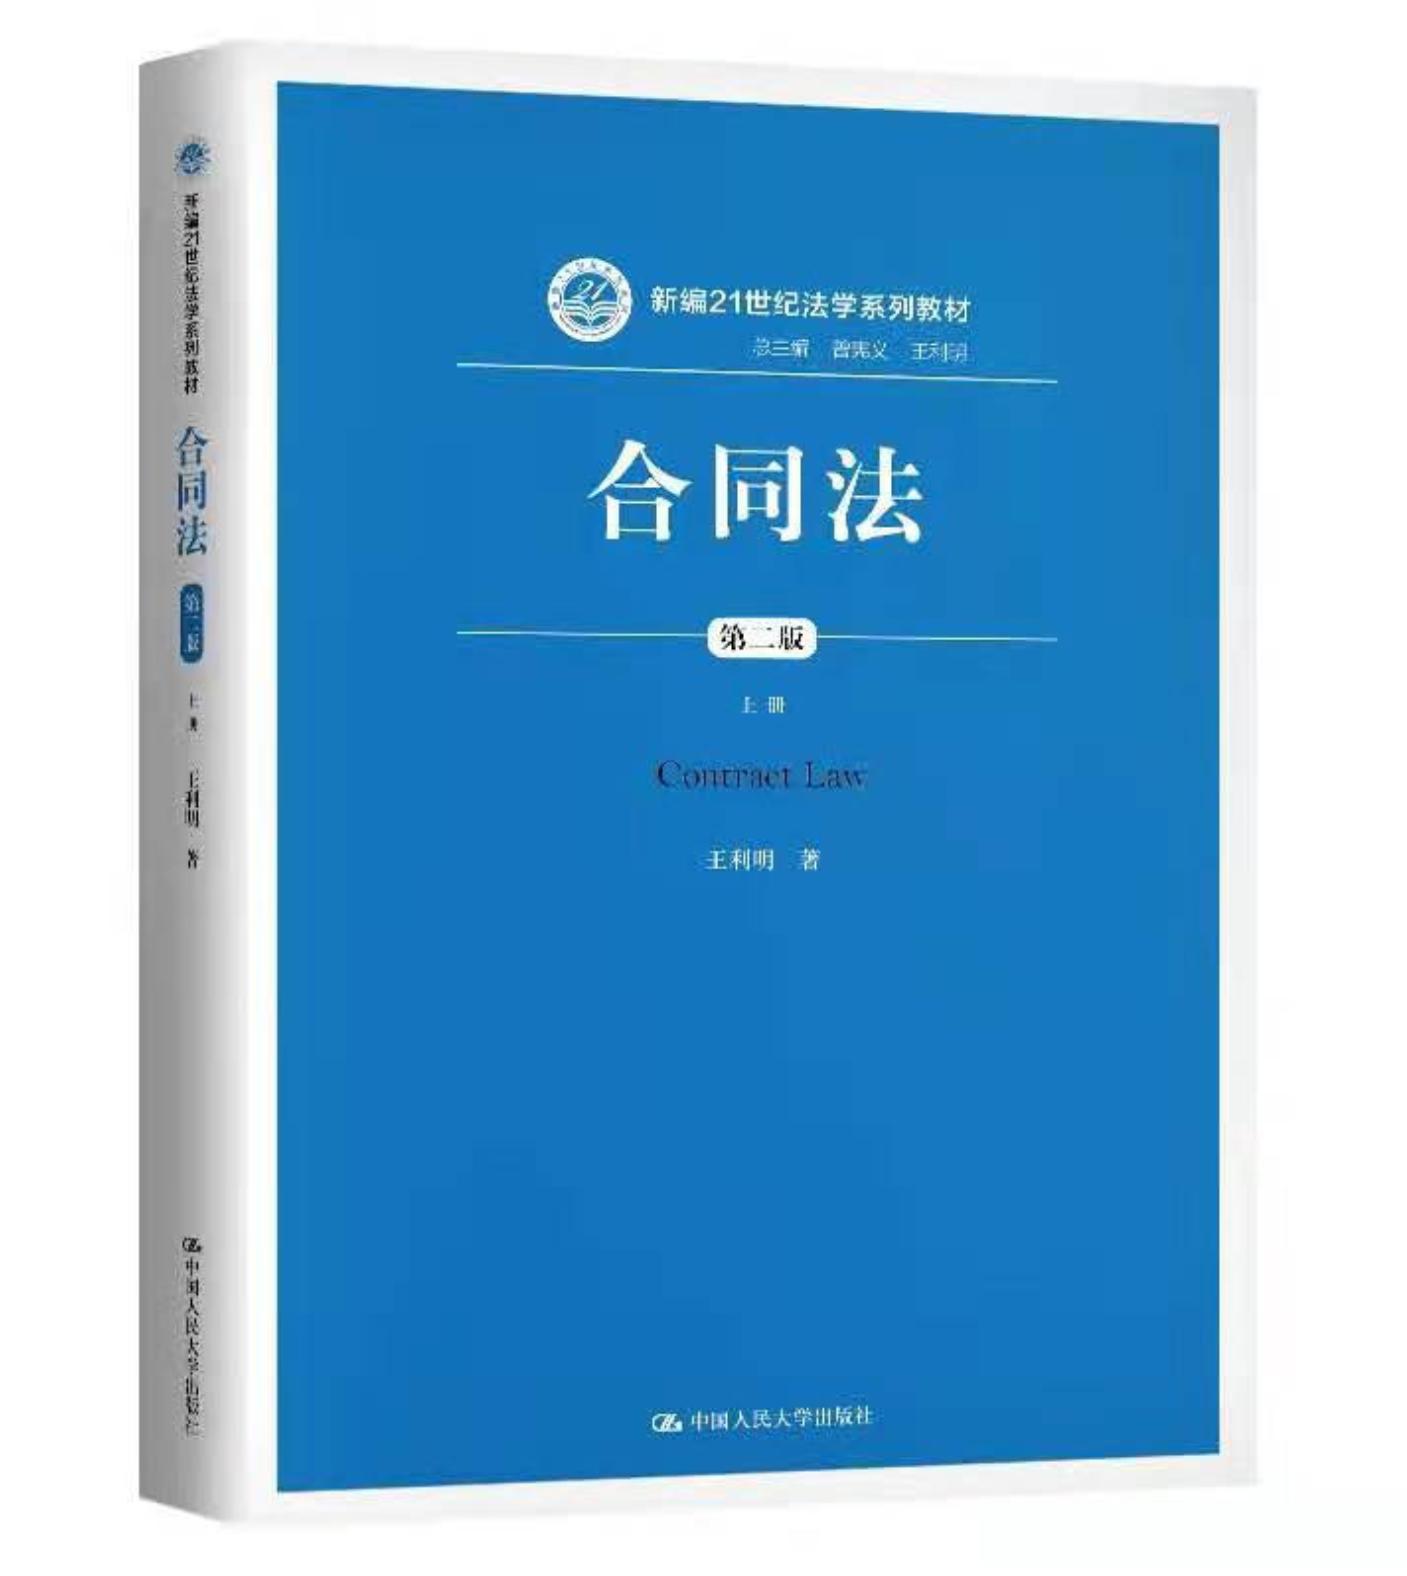 合同法第二版王利明上下册2021,电子书pdf